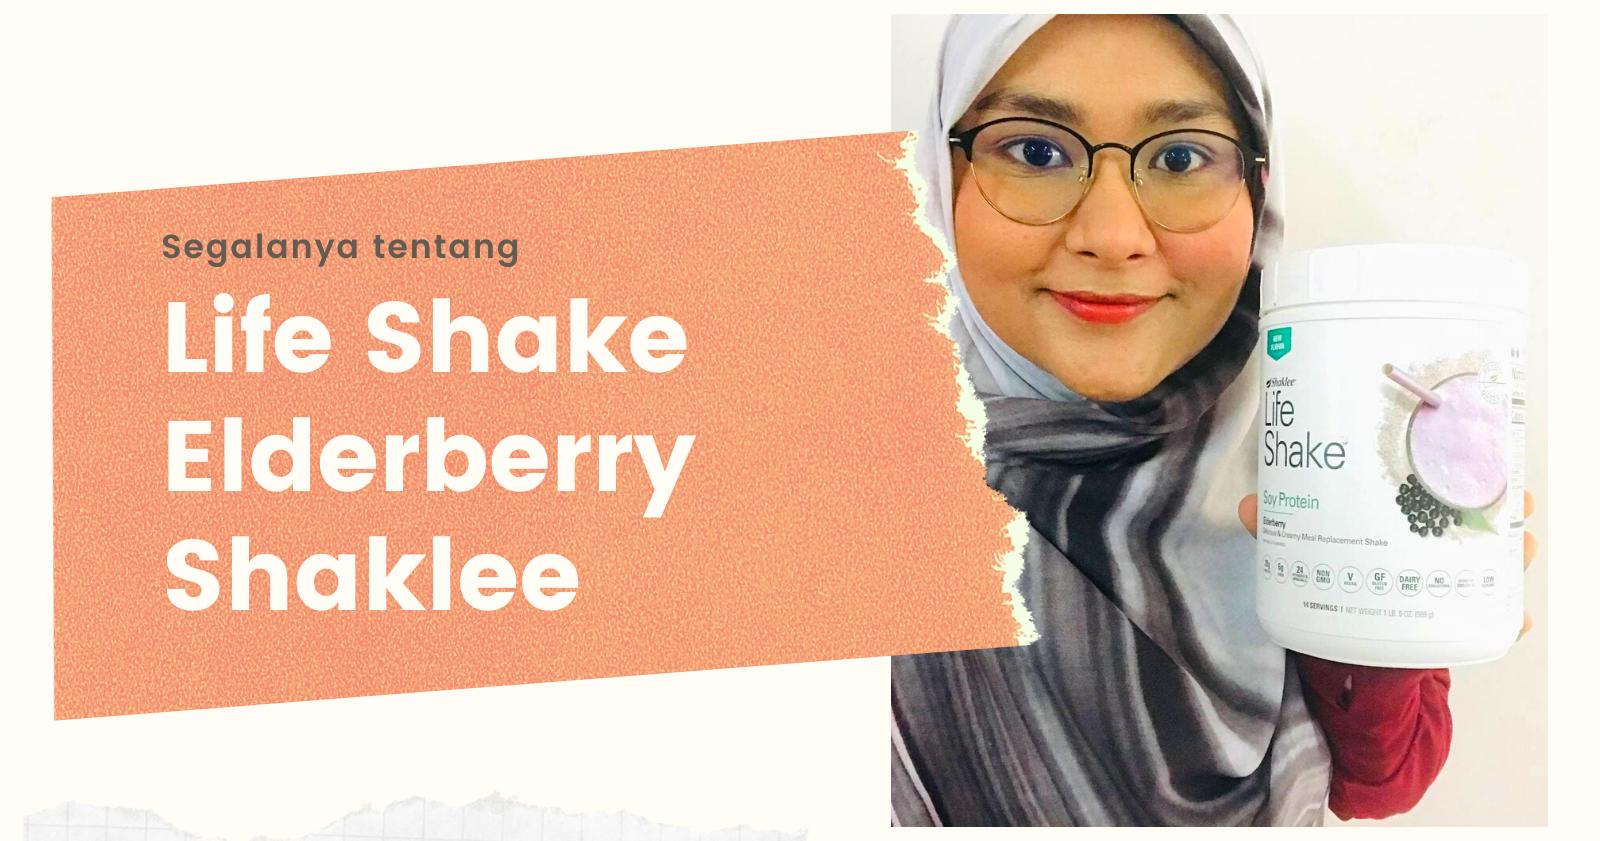 Life Shake Elderberry Elderberi Shaklee Fungsi Manfaat Keistimewaan Harga